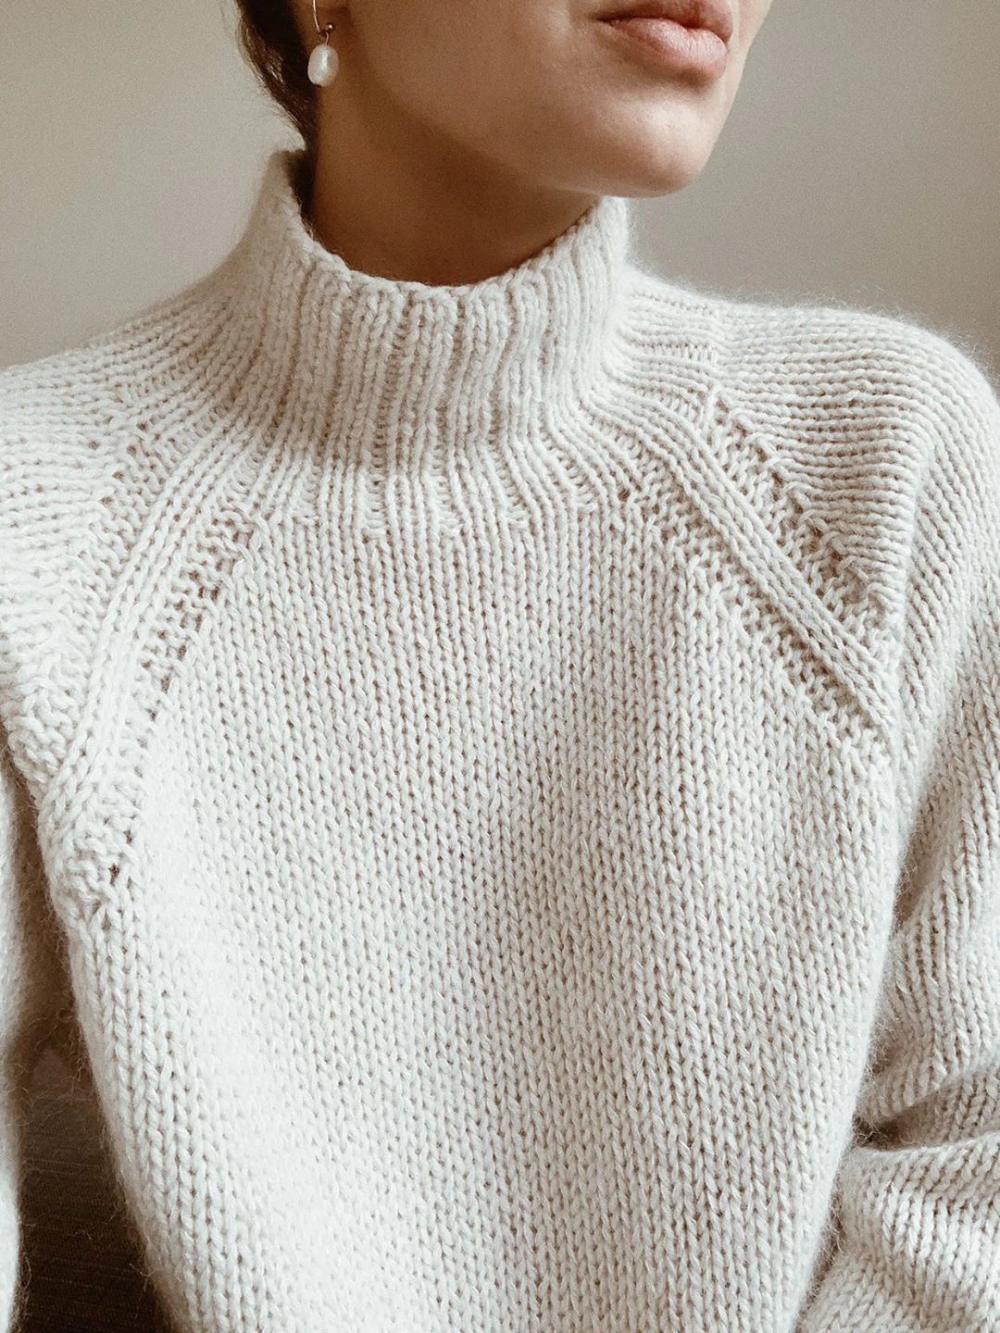 Pullover Nr. 9 – MEINE LIEBLINGSDINGE • STRICKKLEIDUNG – Welcome to Blog